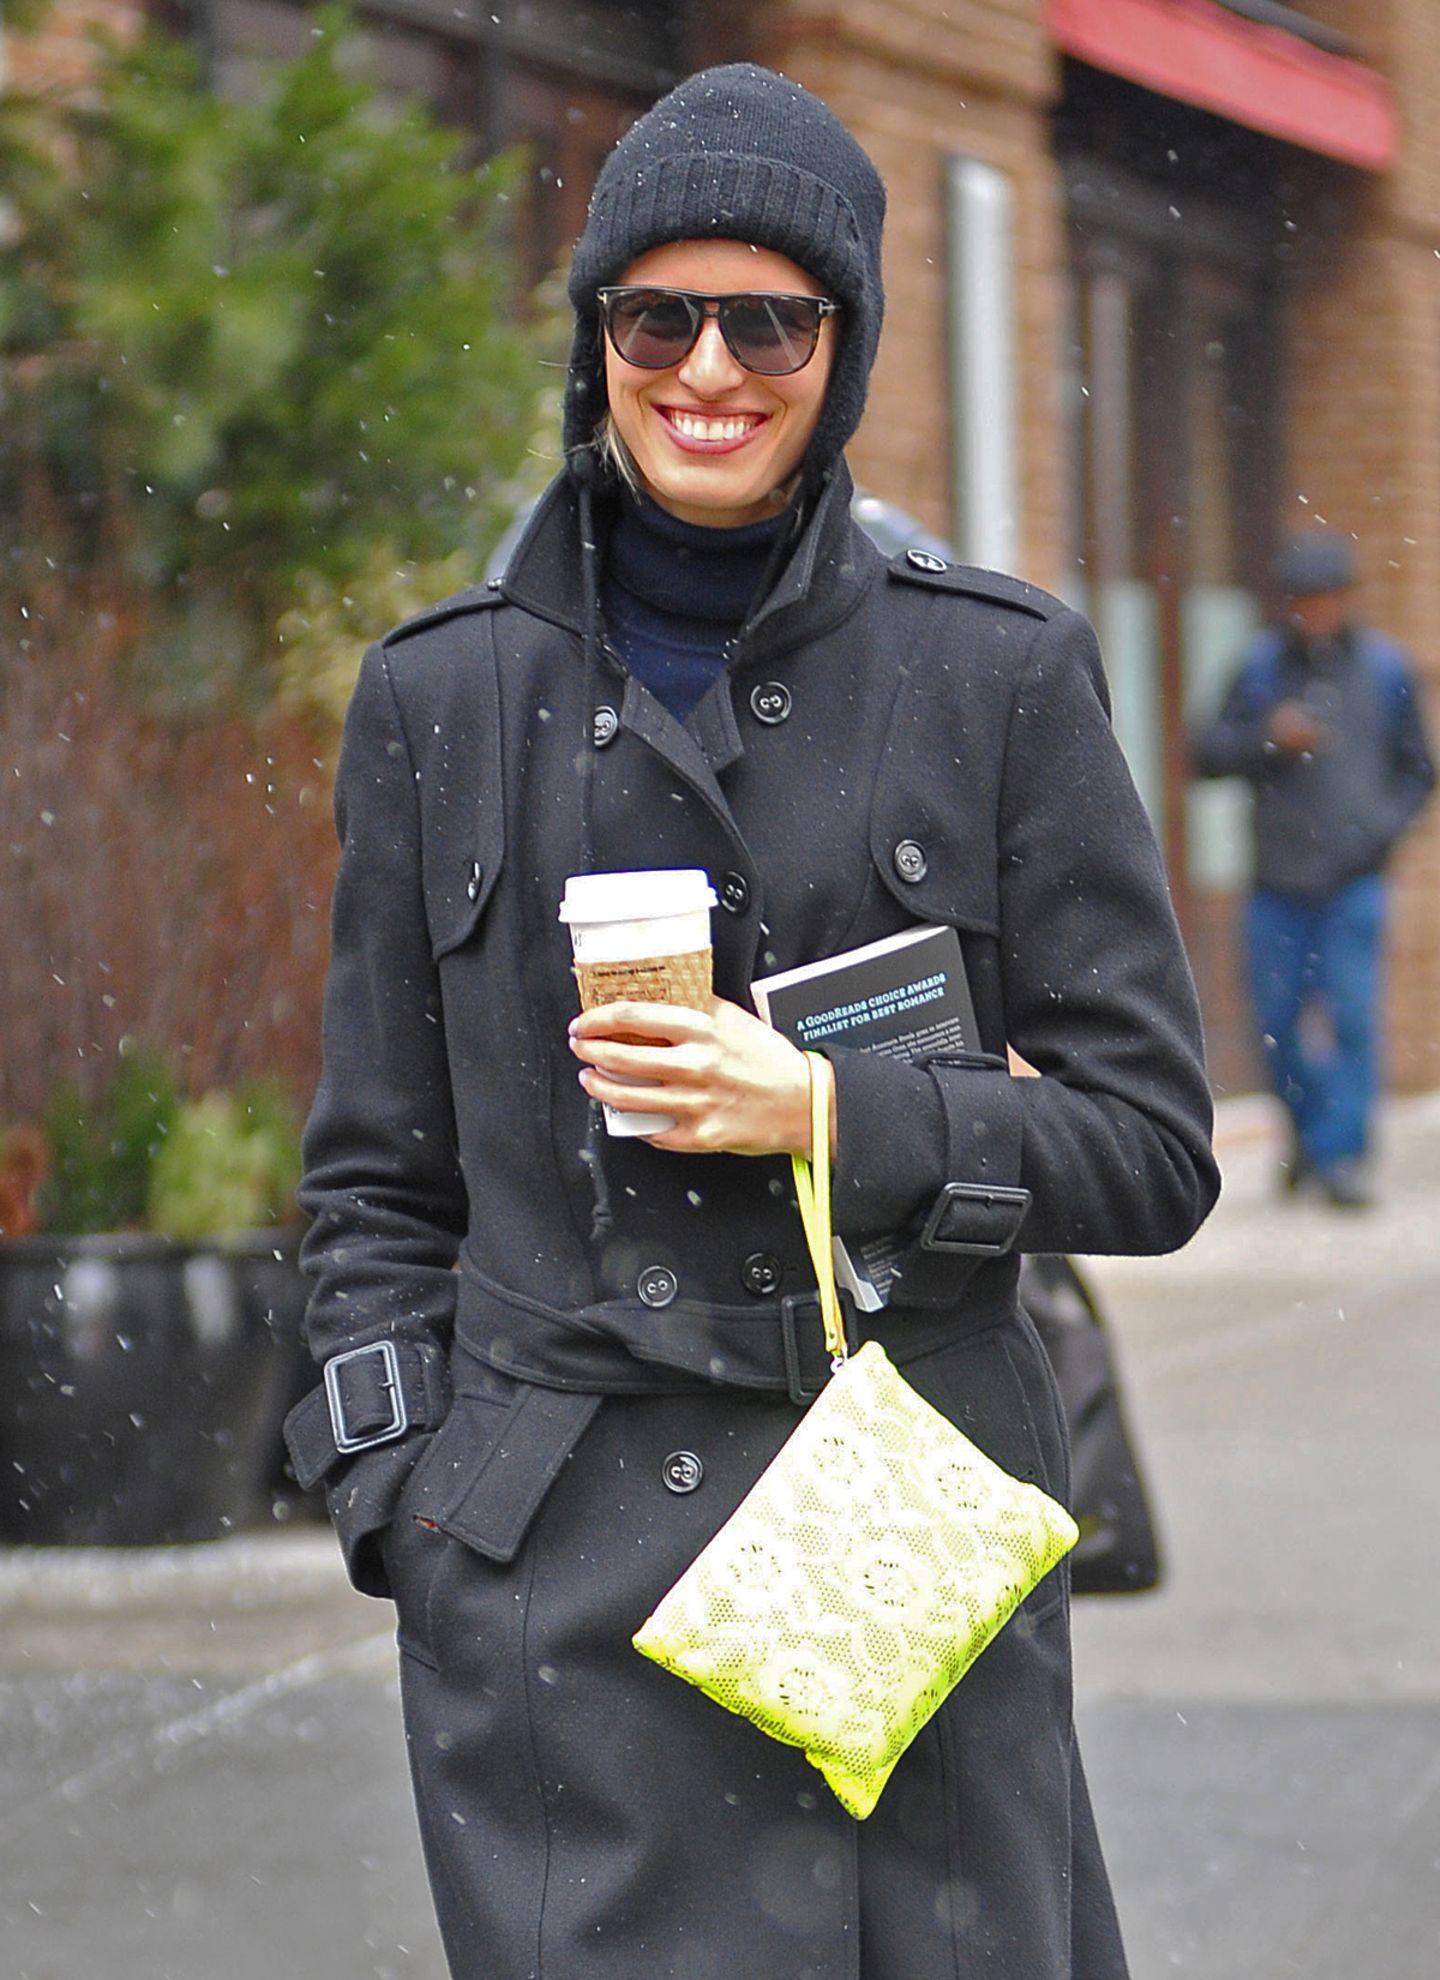 Schwarz gekleidet, aber eine neongelbe Handgelenktasche mit floralem Spitzenbesatz: Karolina Kurkova versteht es, Akzente zu setzen.